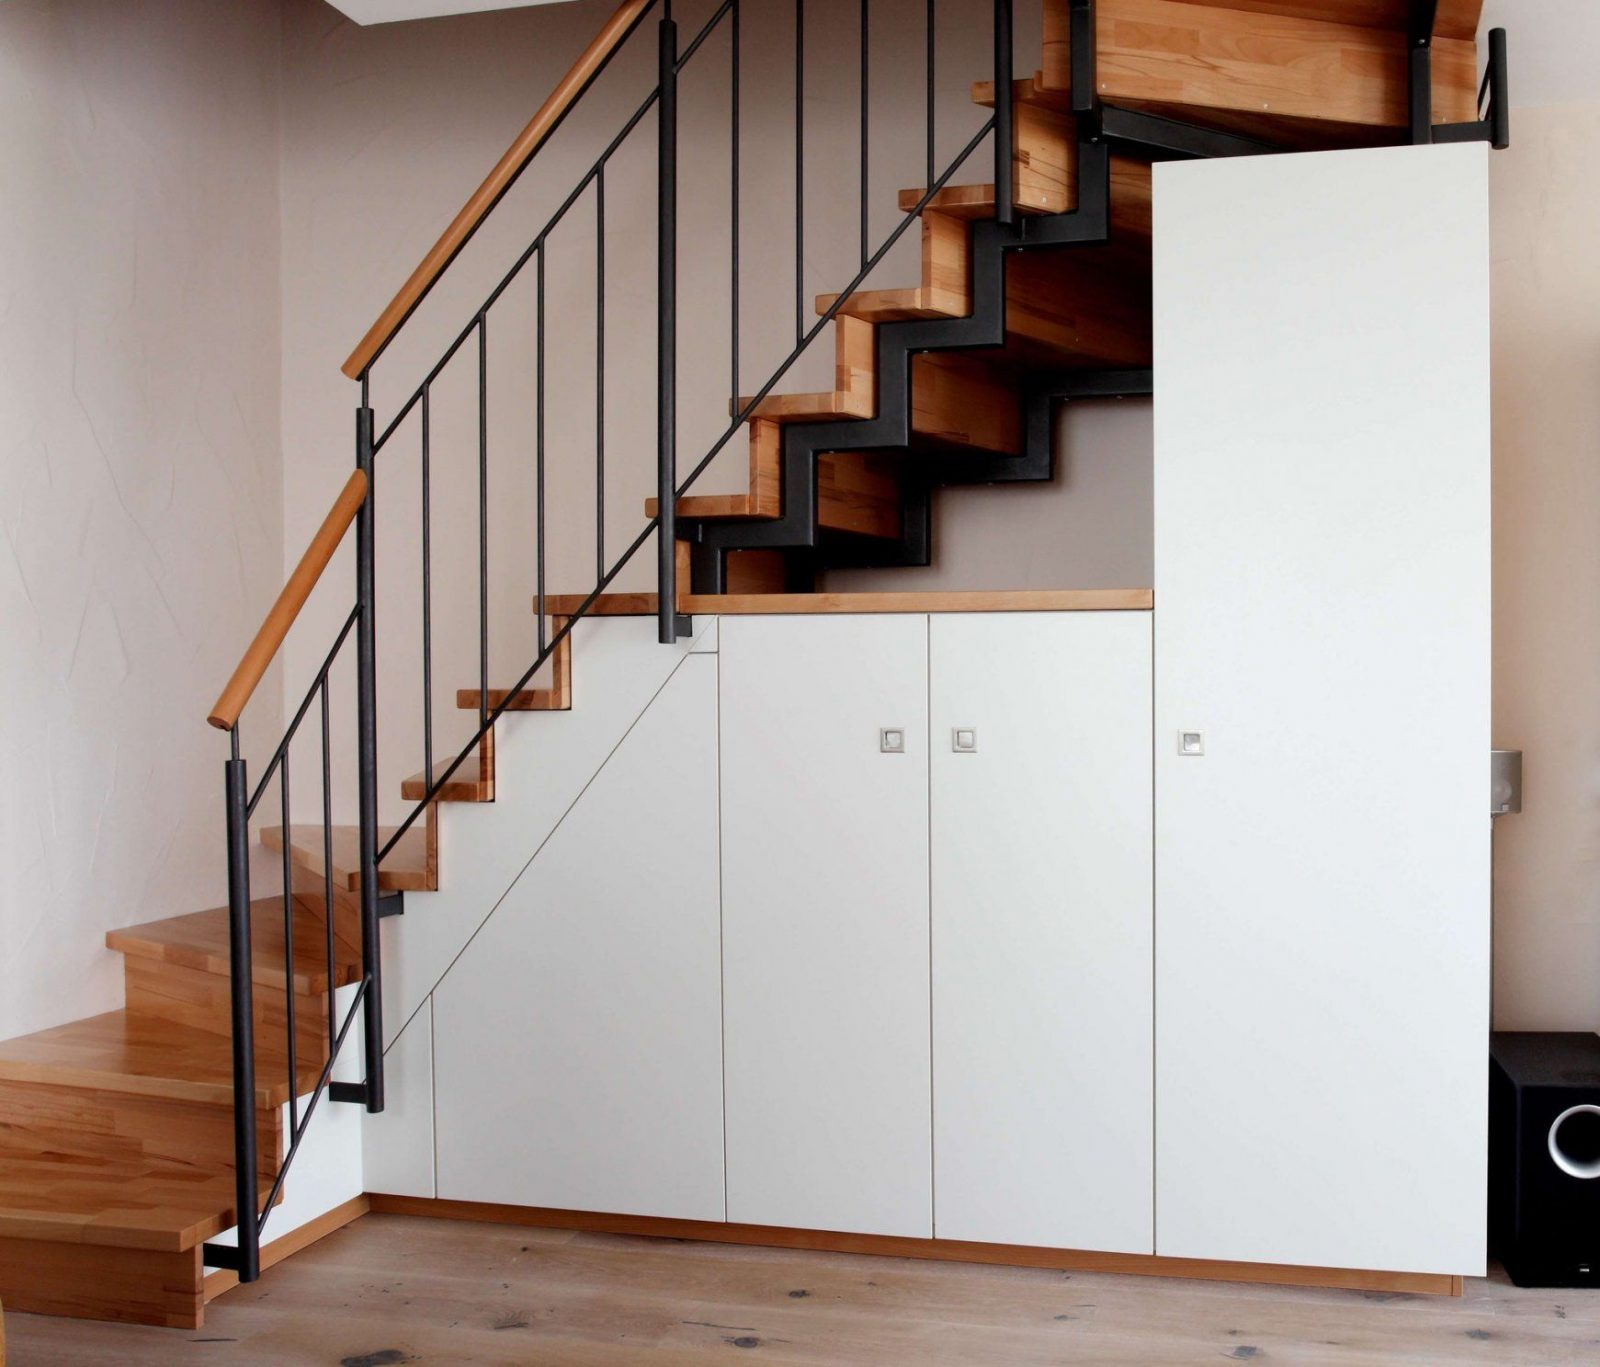 dekoration leicht gemacht charmant stauraum unter offener von stauraum unter offener treppe bild. Black Bedroom Furniture Sets. Home Design Ideas